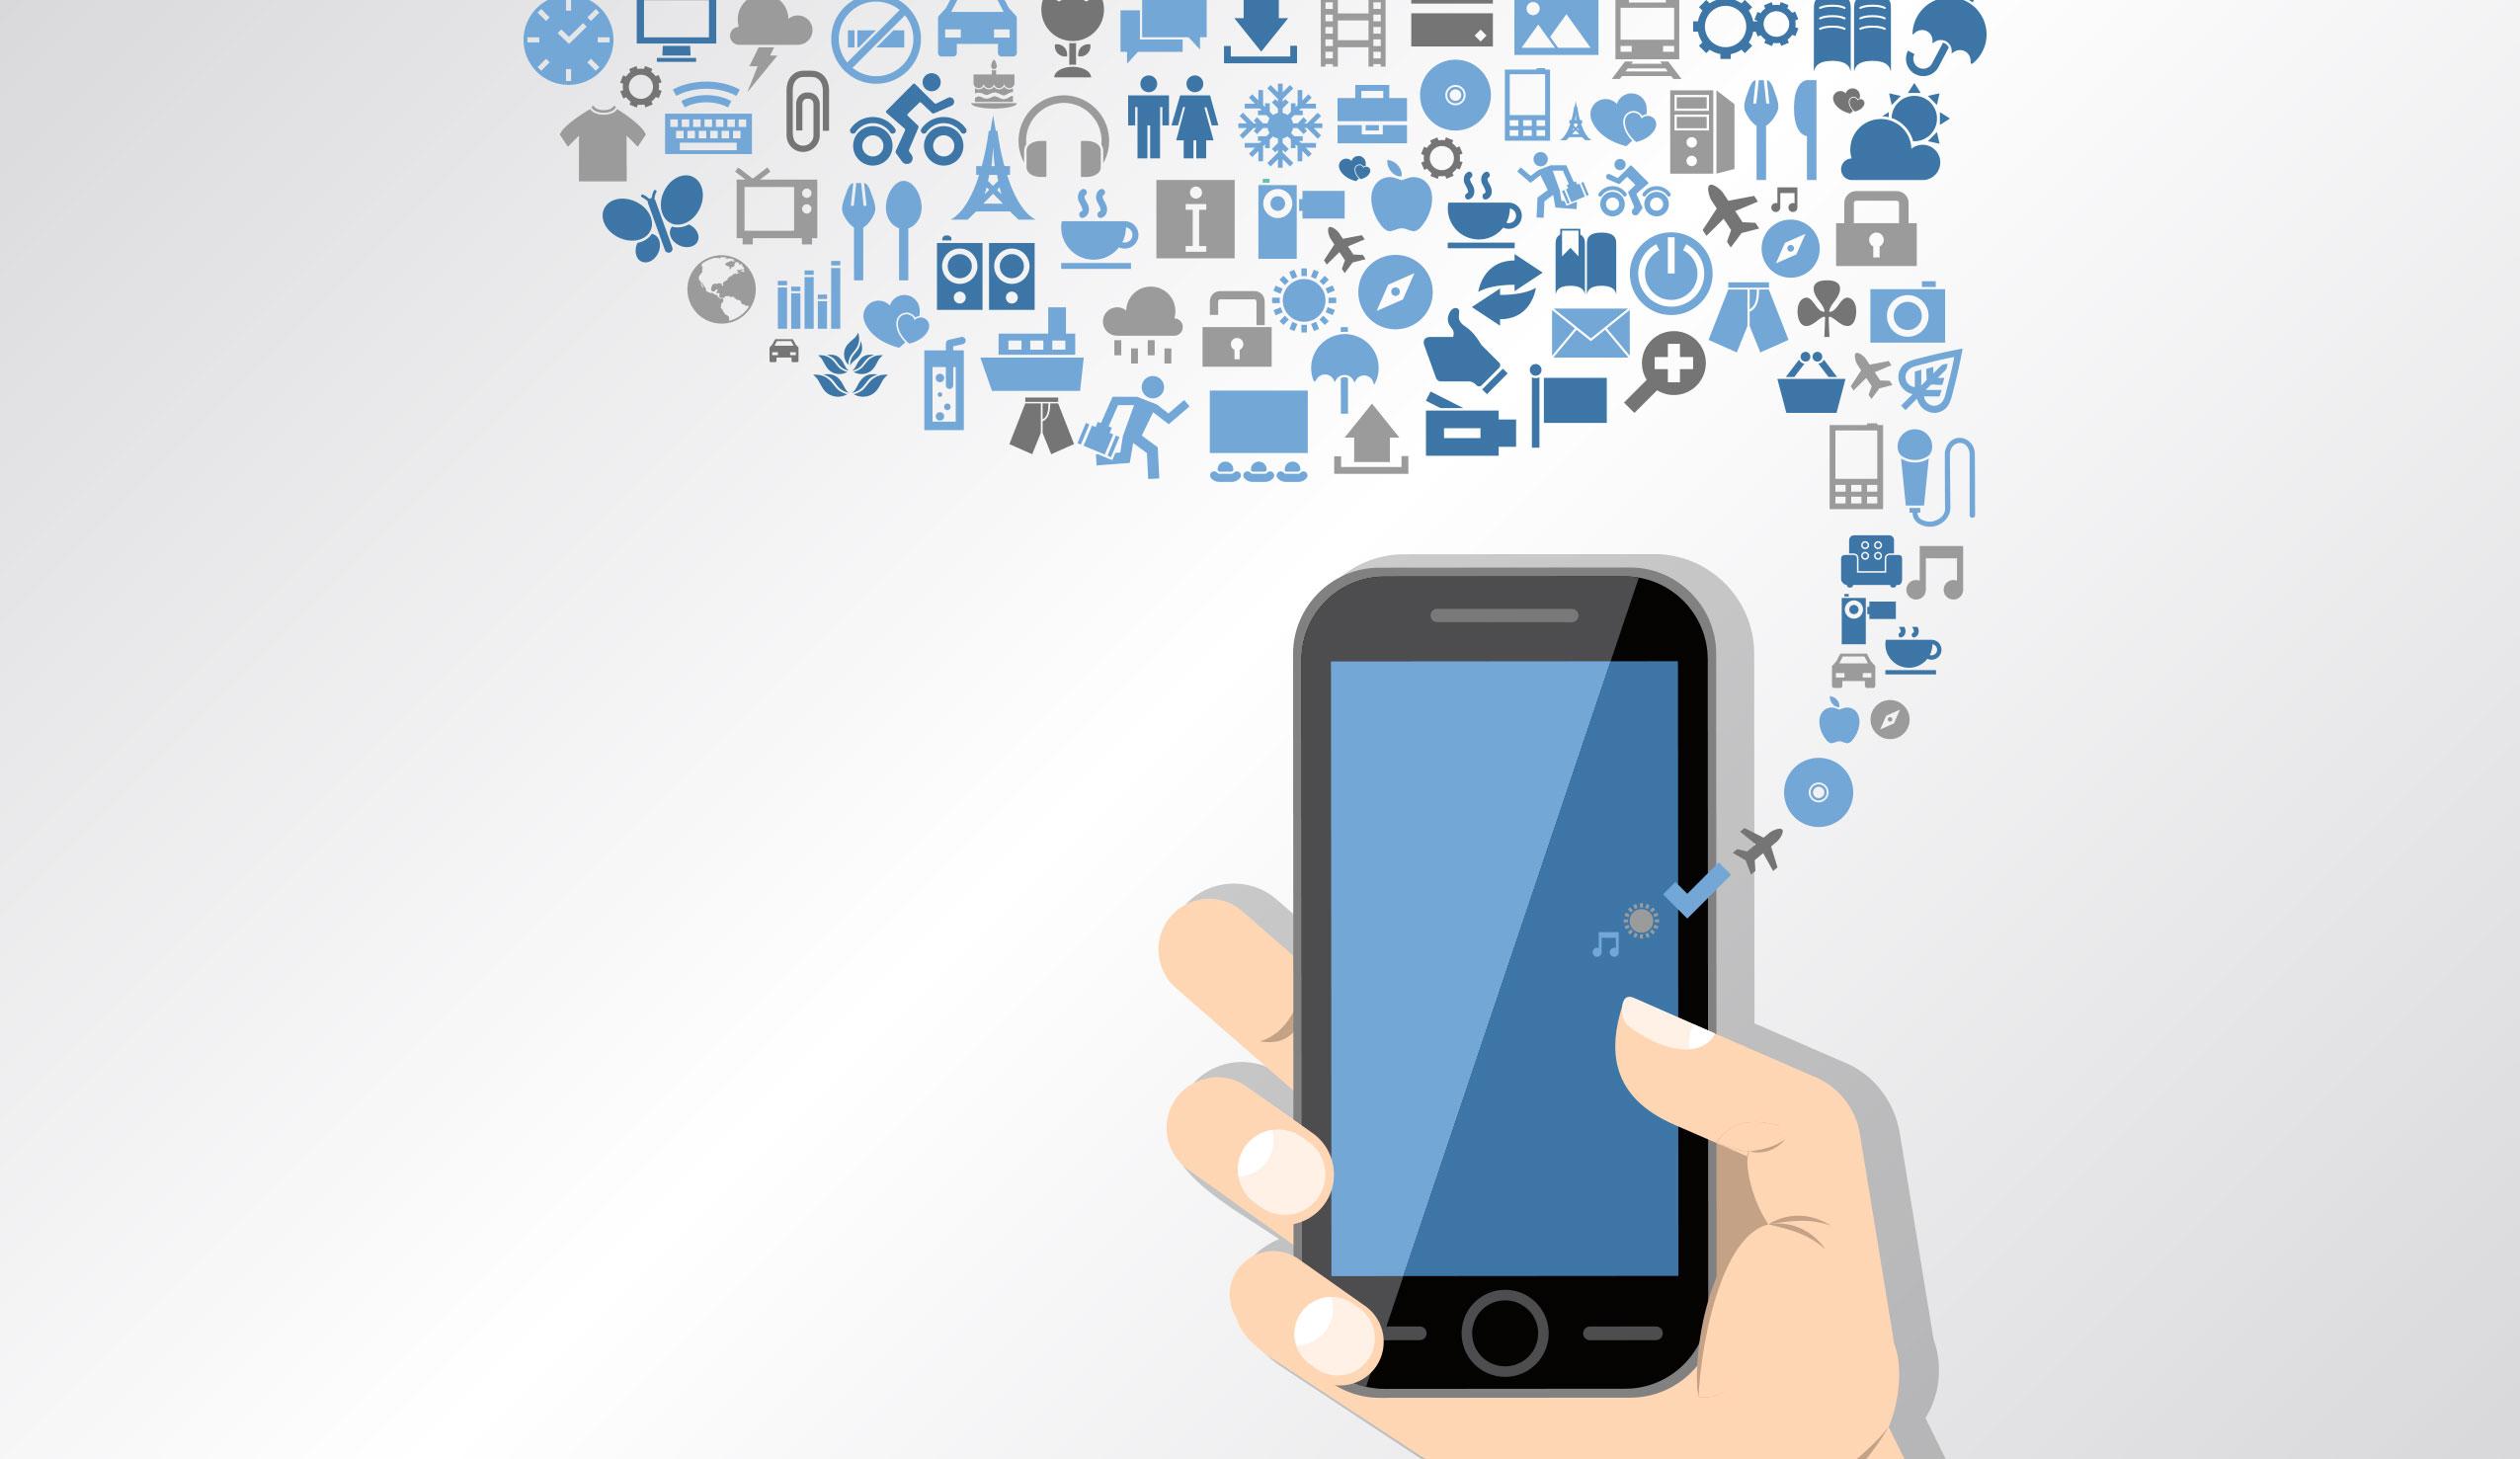 Un'app mobile per accelerare lo sviluppo del vostro business